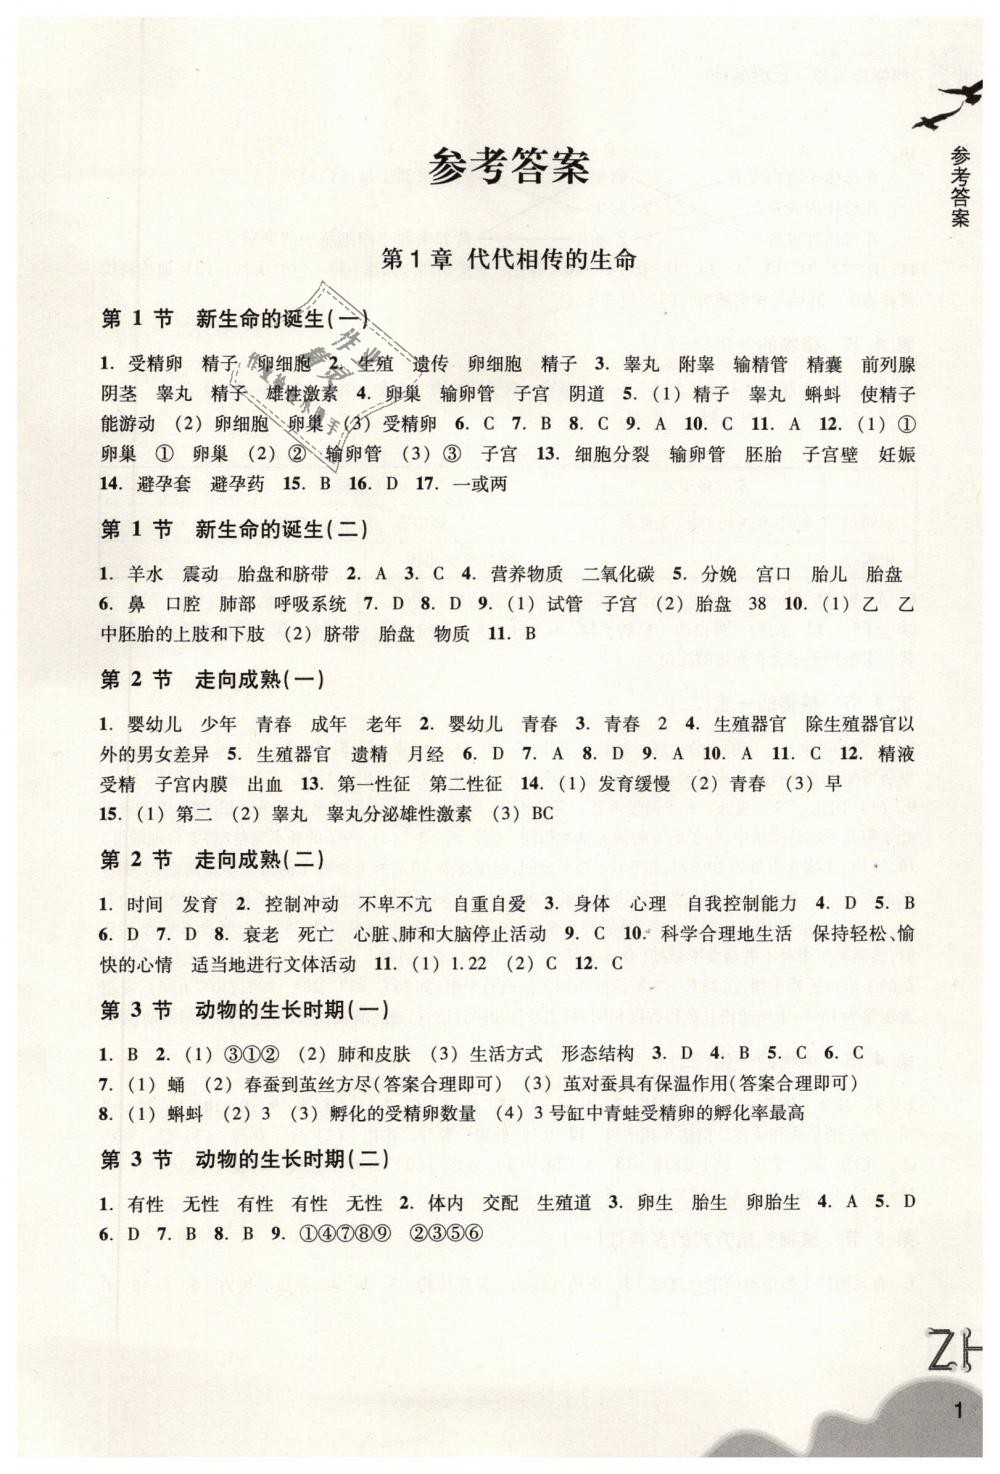 2019年作业本七年级科学下册浙教版浙江教育出版社第1页